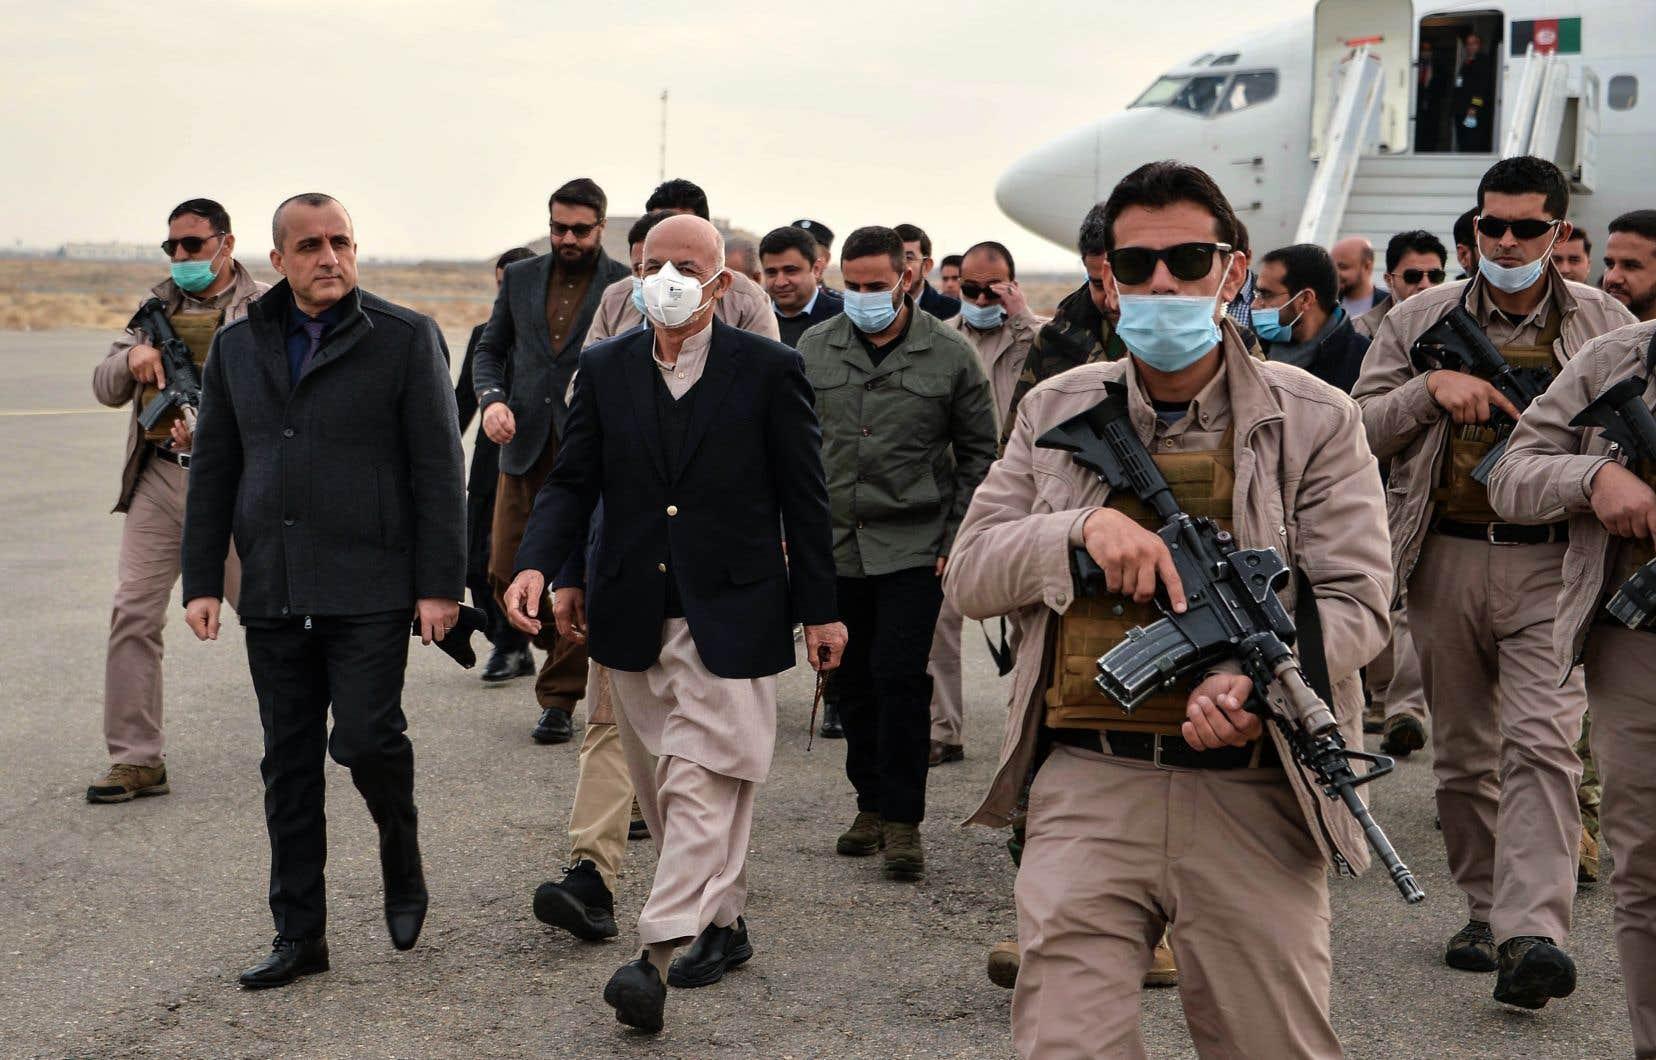 L'accord — non ratifié par Kaboul — prévoit le retrait total des forces américaines d'ici à mi-2021 en échange notamment de garanties sécuritaires de la part des insurgés et de l'ouverture de pourparlers de paix avec le gouvernement afghan.